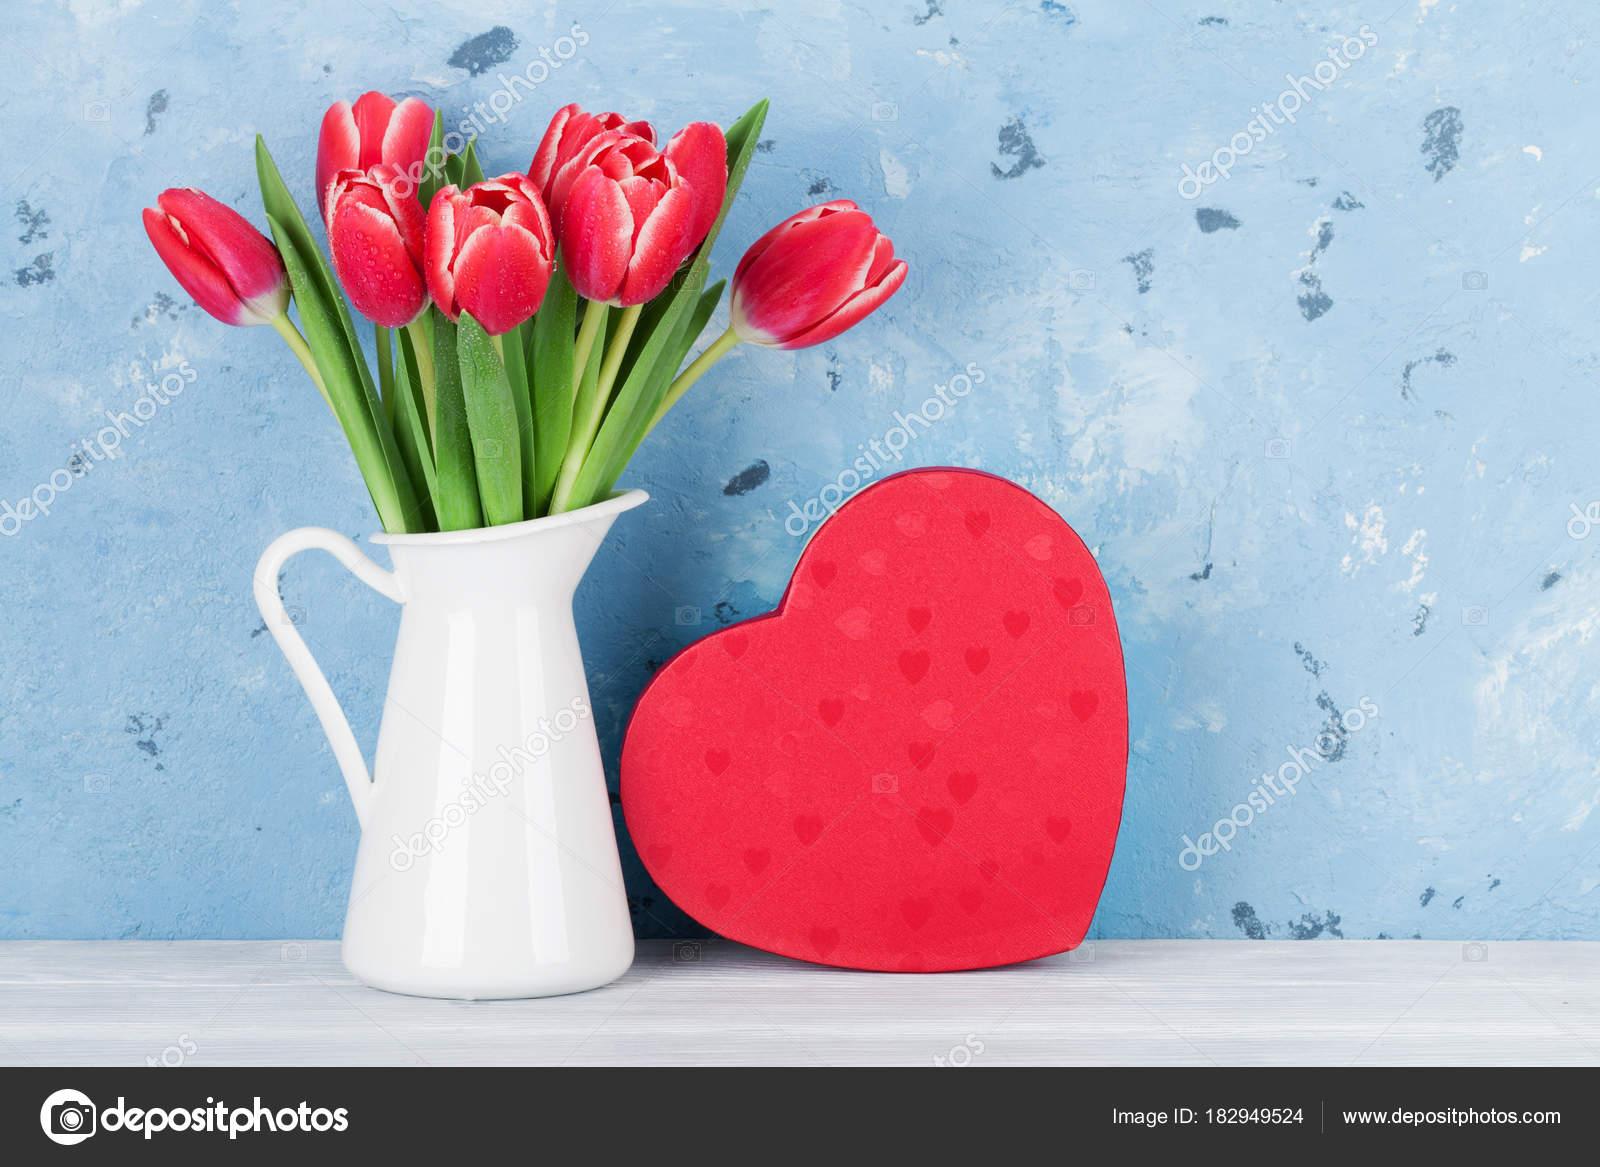 Lampada Fiore Tulipano : Mazzo fiori tulipano rosso brocca cuore scatola regalo cartolina